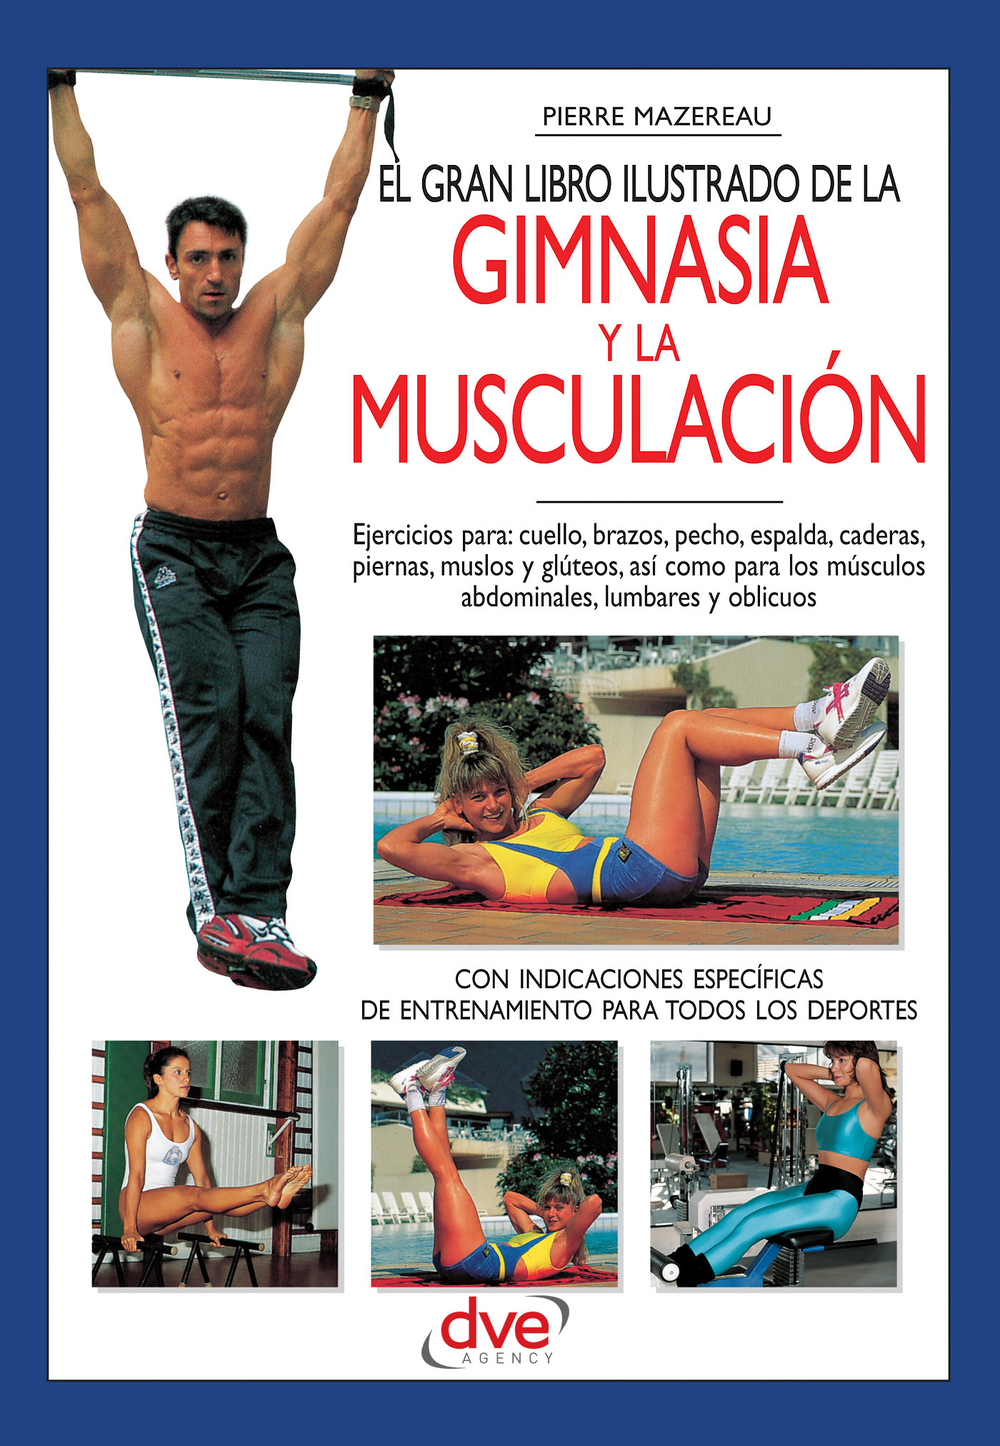 El gran libro ilustrado de la gimnasia y la musculación